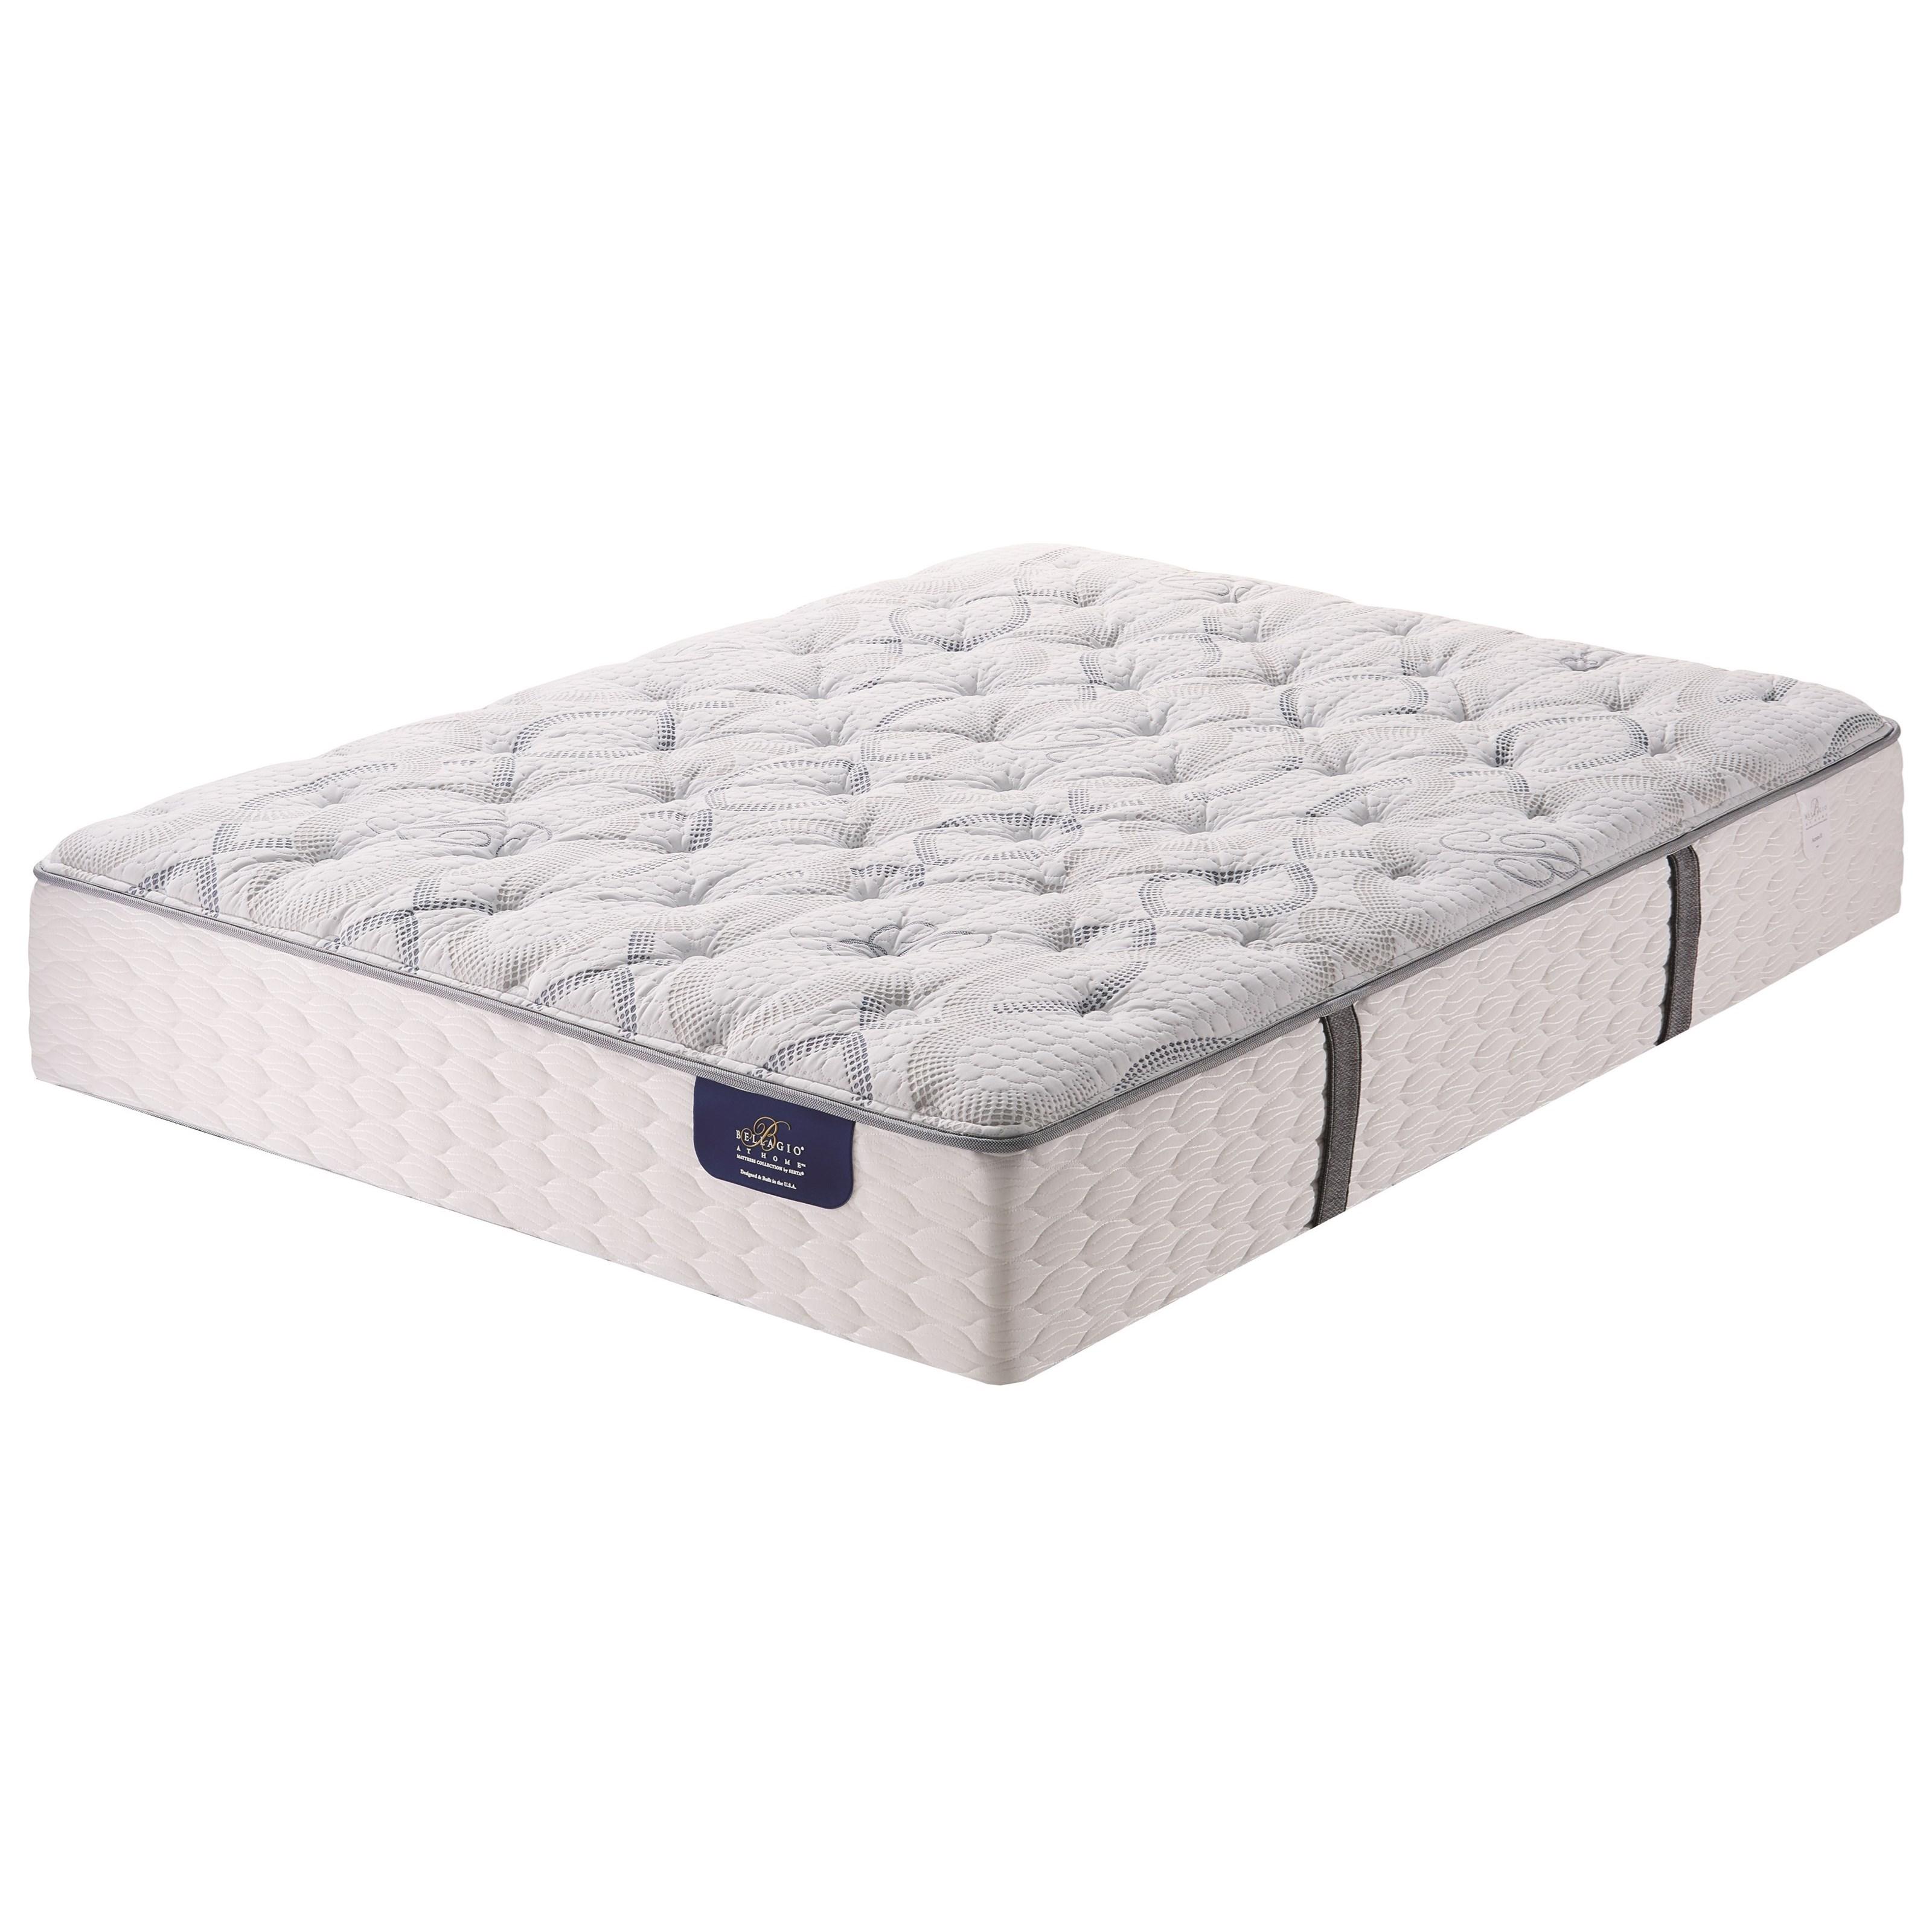 serta mattresses twin cities minneapolis st paul minnesota